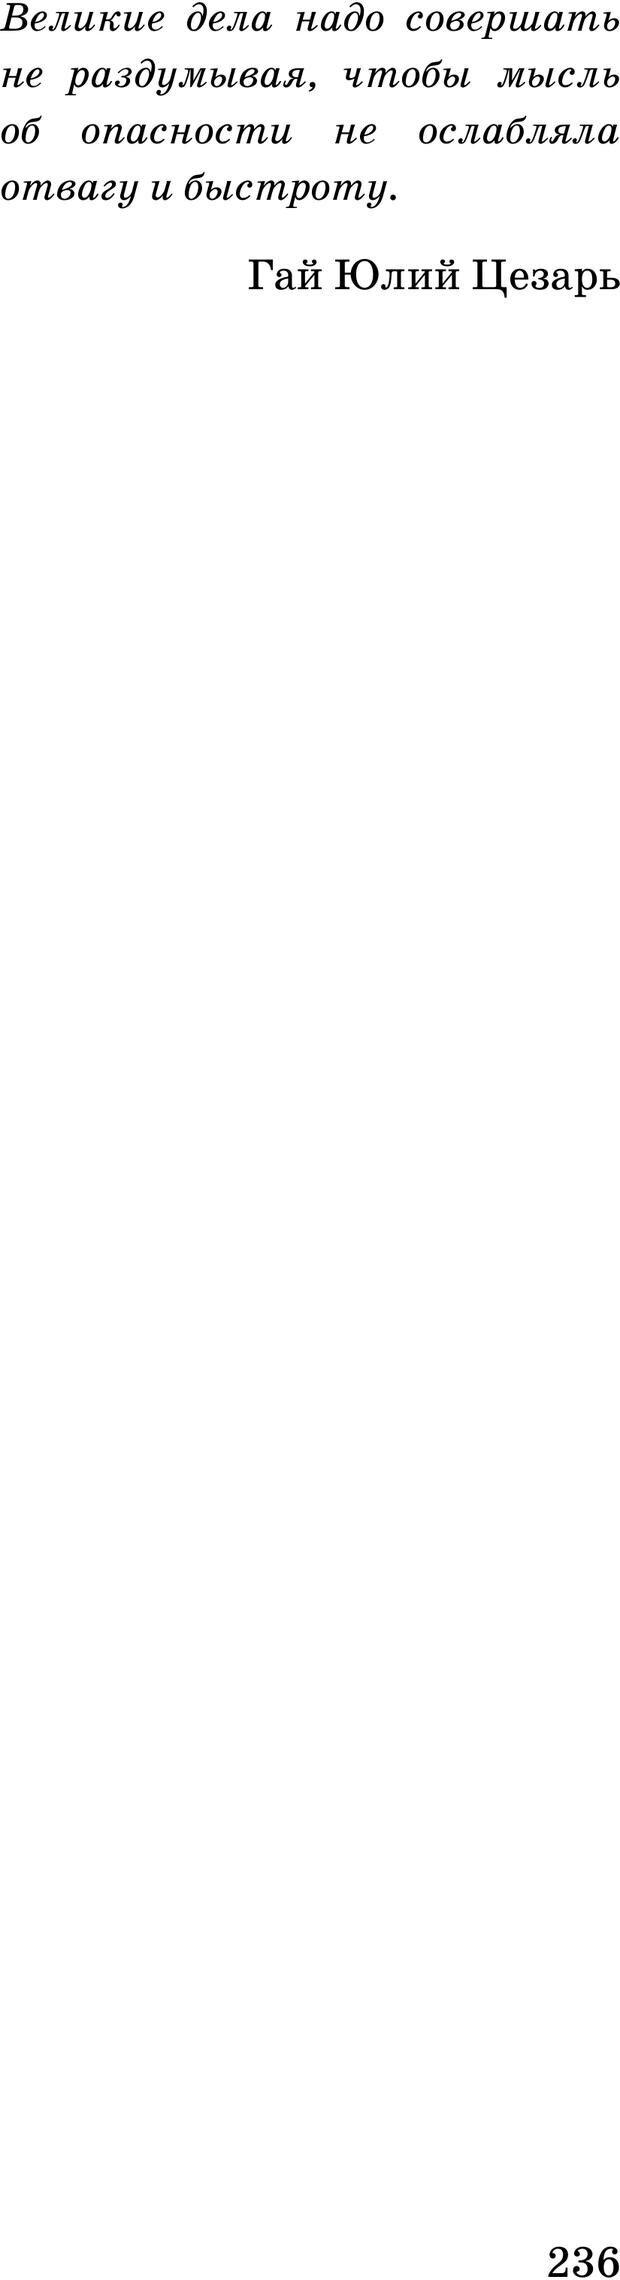 PDF. Русская Модель Эффективного Соблазнения. Мастерский курс. Богачев Ф. О. Страница 231. Читать онлайн